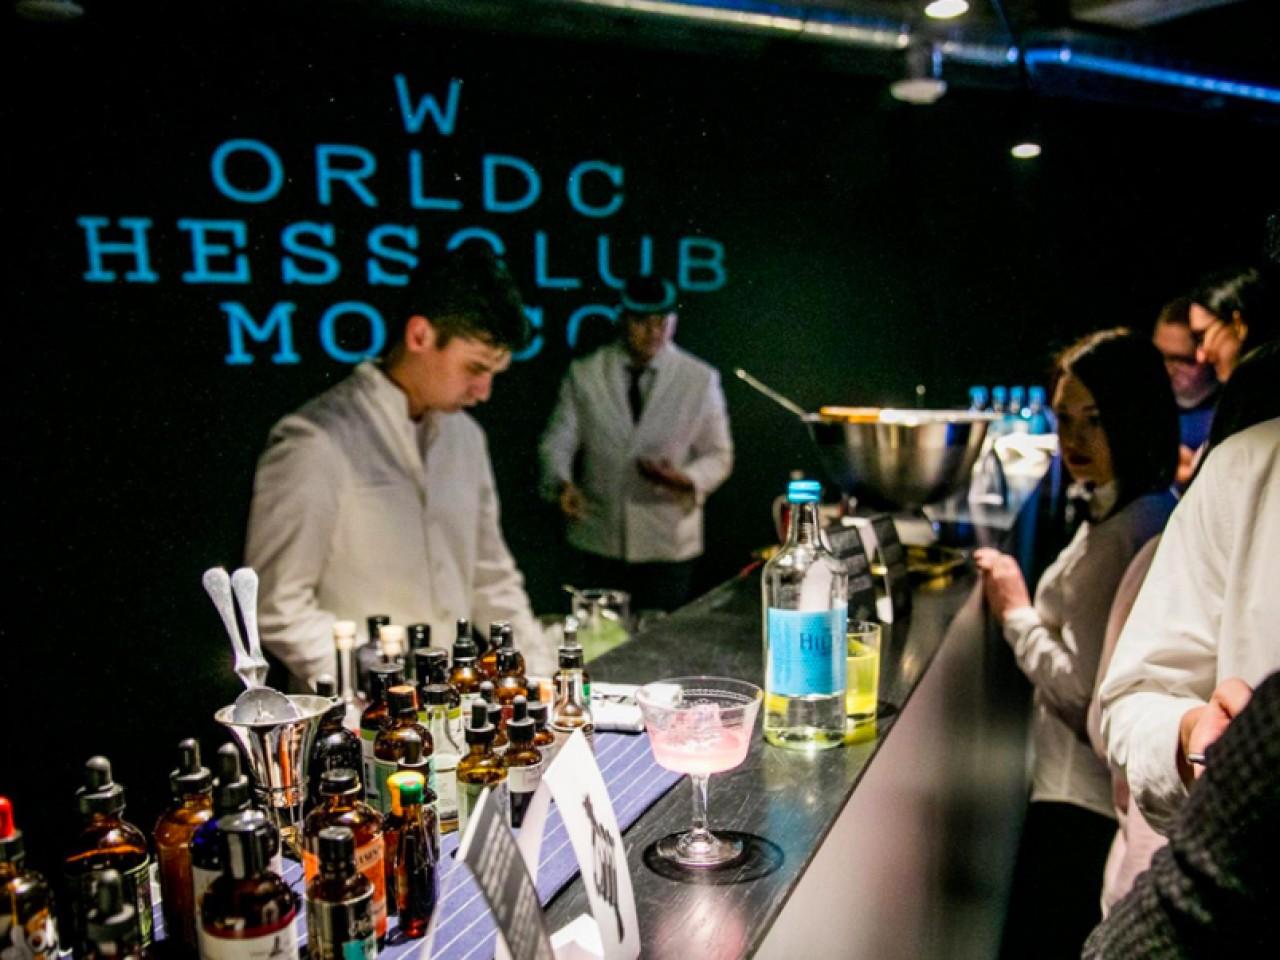 Шахматные клубы москве стендап клуб купить билеты москва официальный сайт